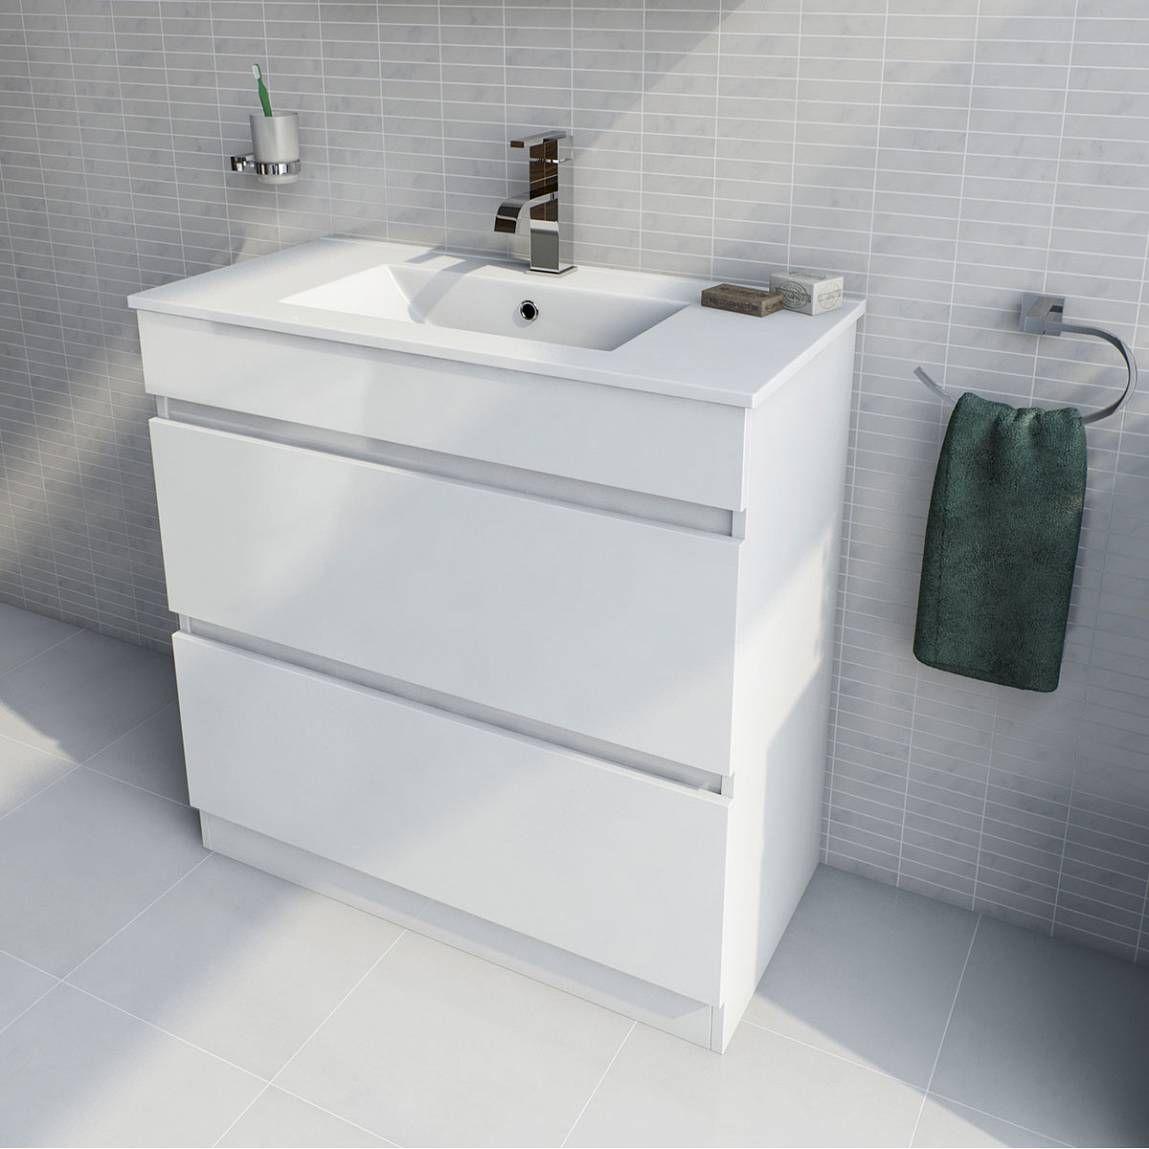 Plan White Floor Mounted 800 Drawer Unit Basin Plus Waste